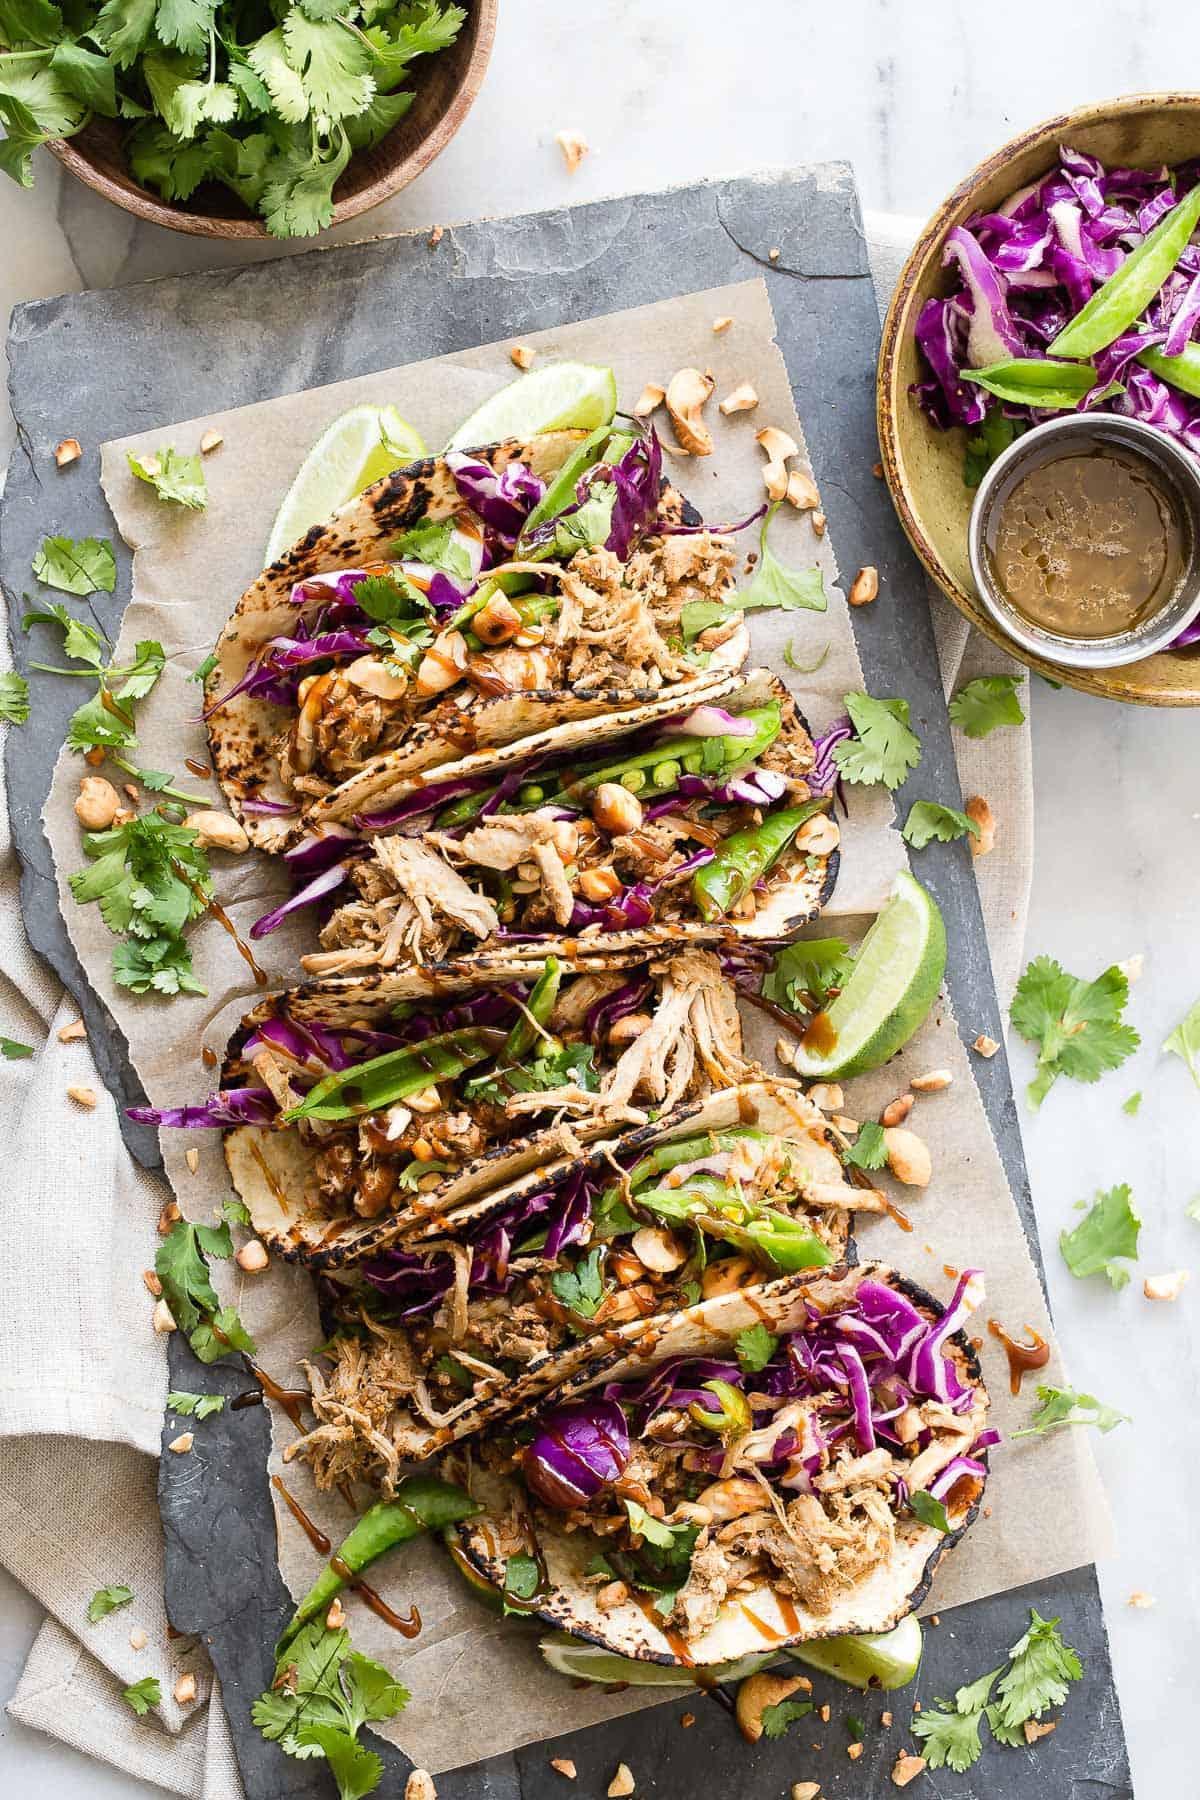 Shredded Pork Tacos with Hoisin and Asian Slaw